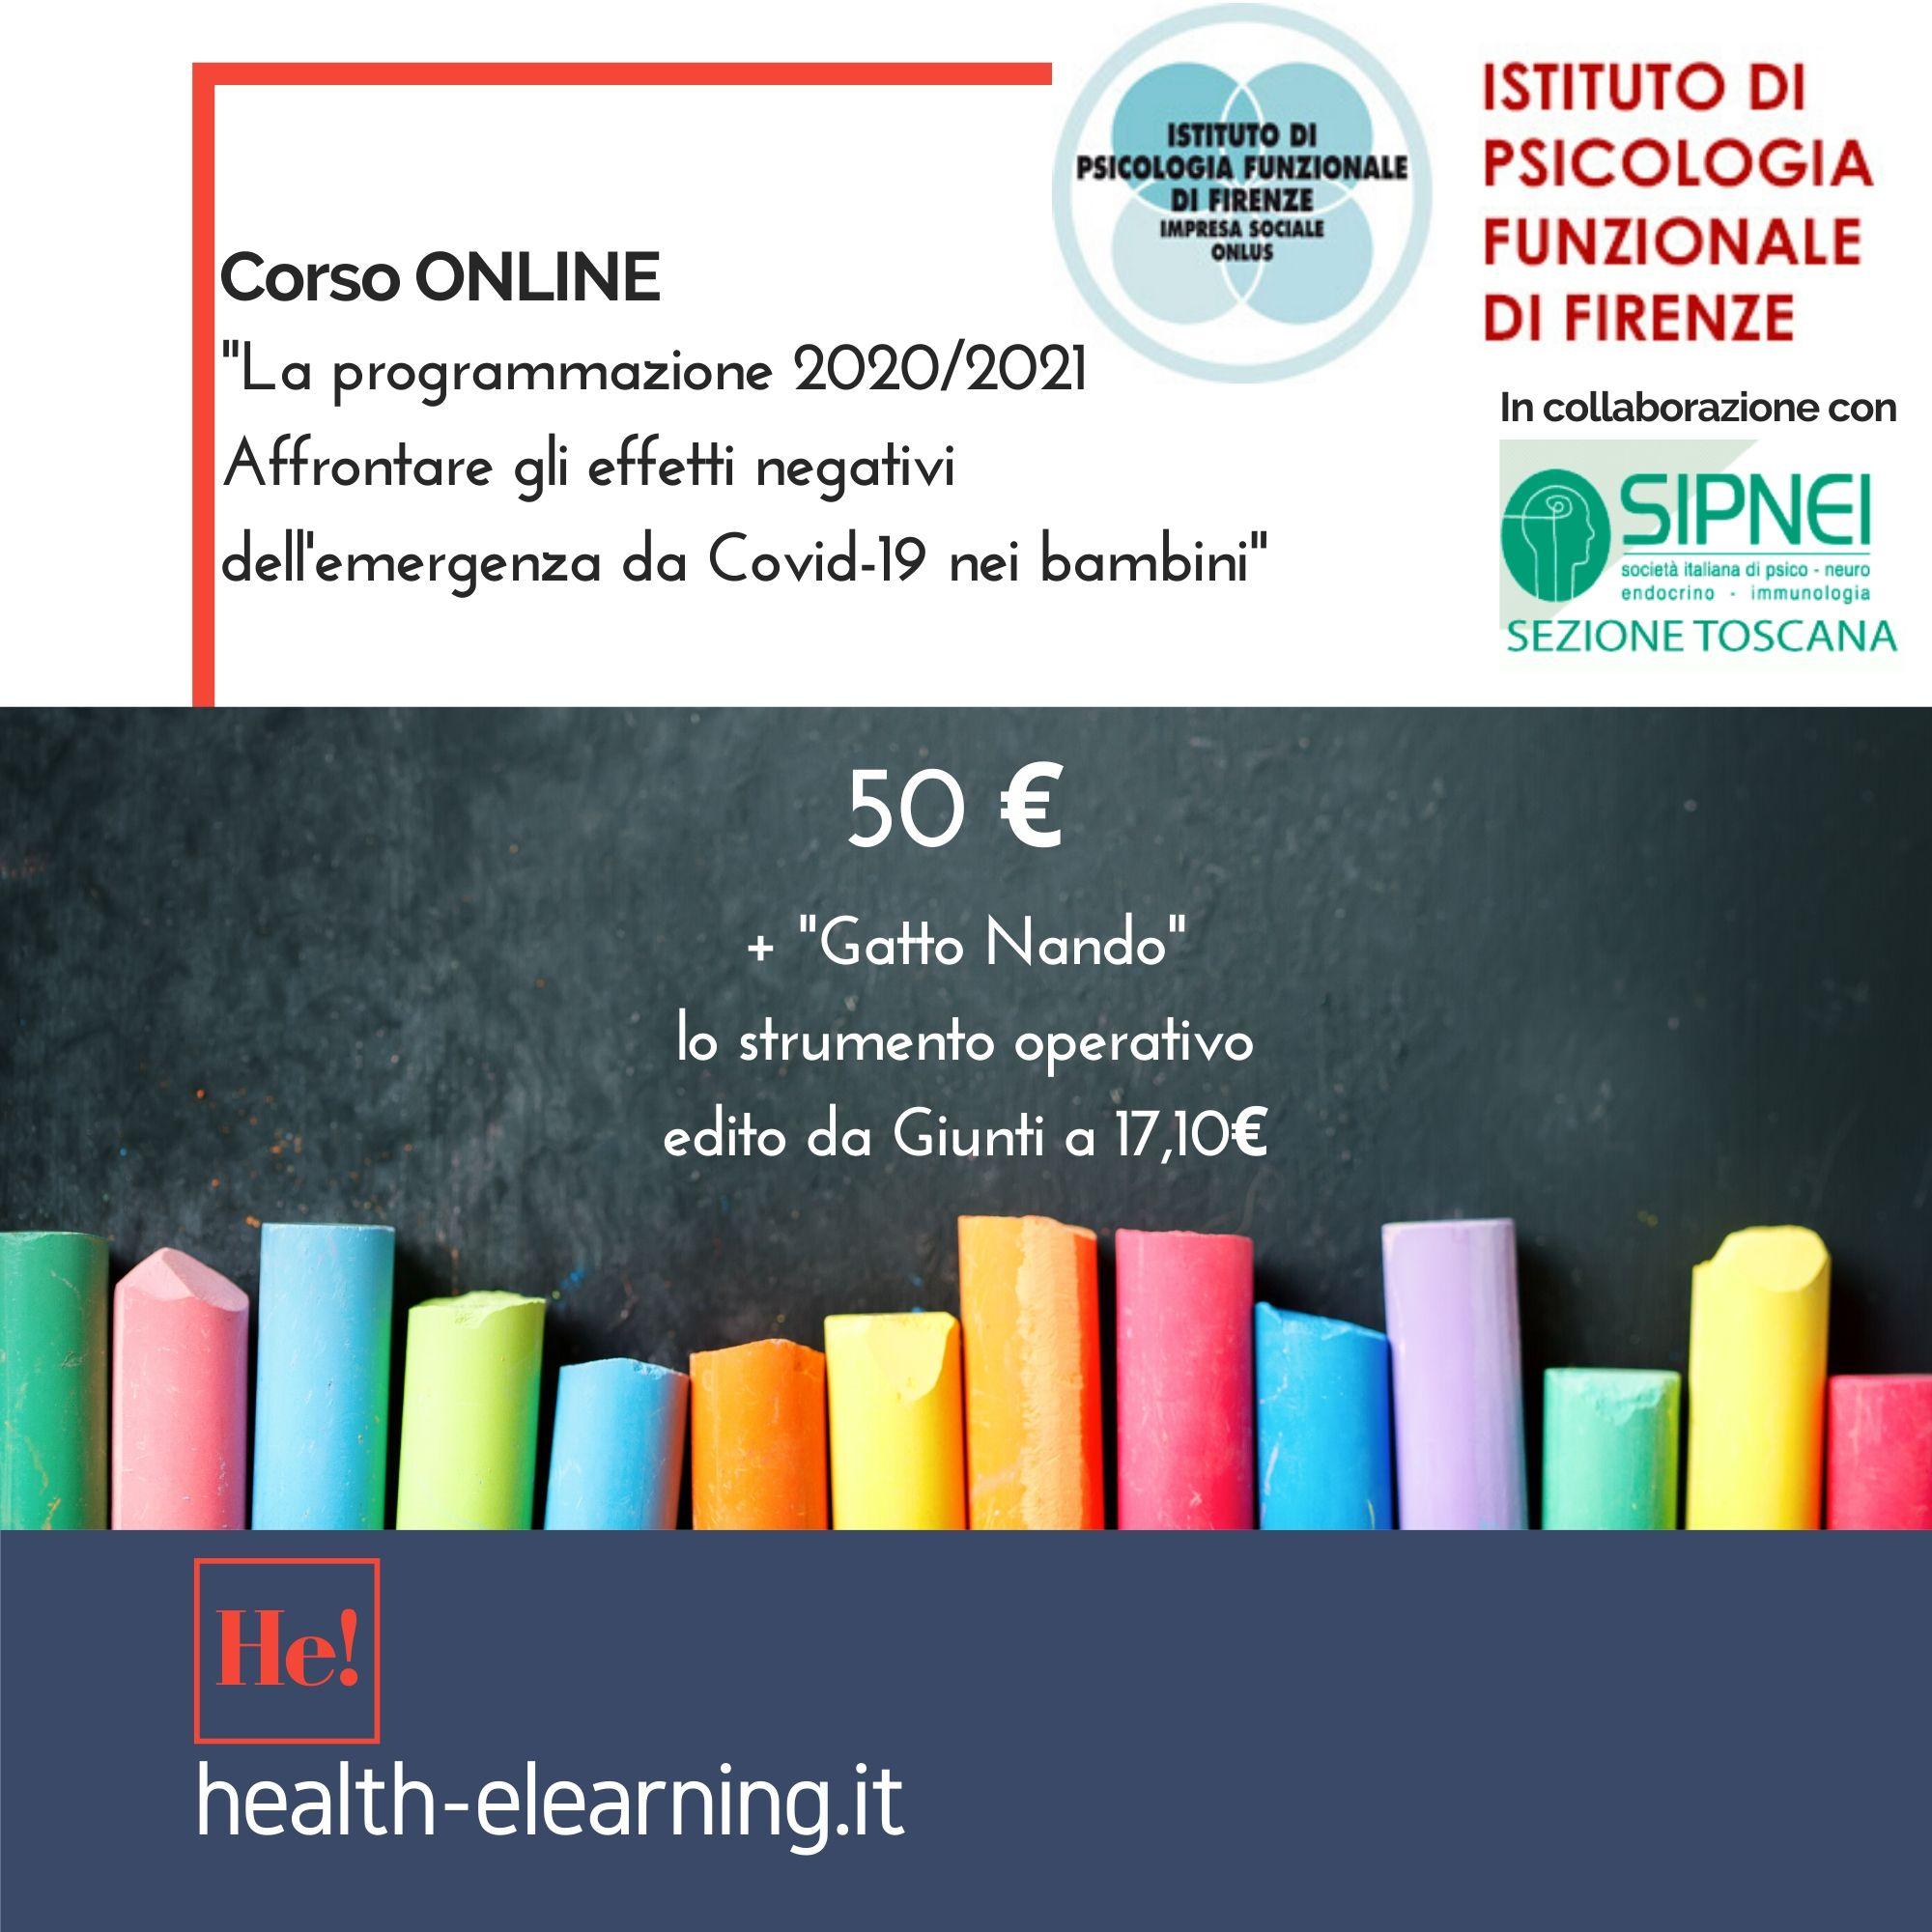 Istituto Di Psicologia Funzionale Firenze Psicologia Toscana